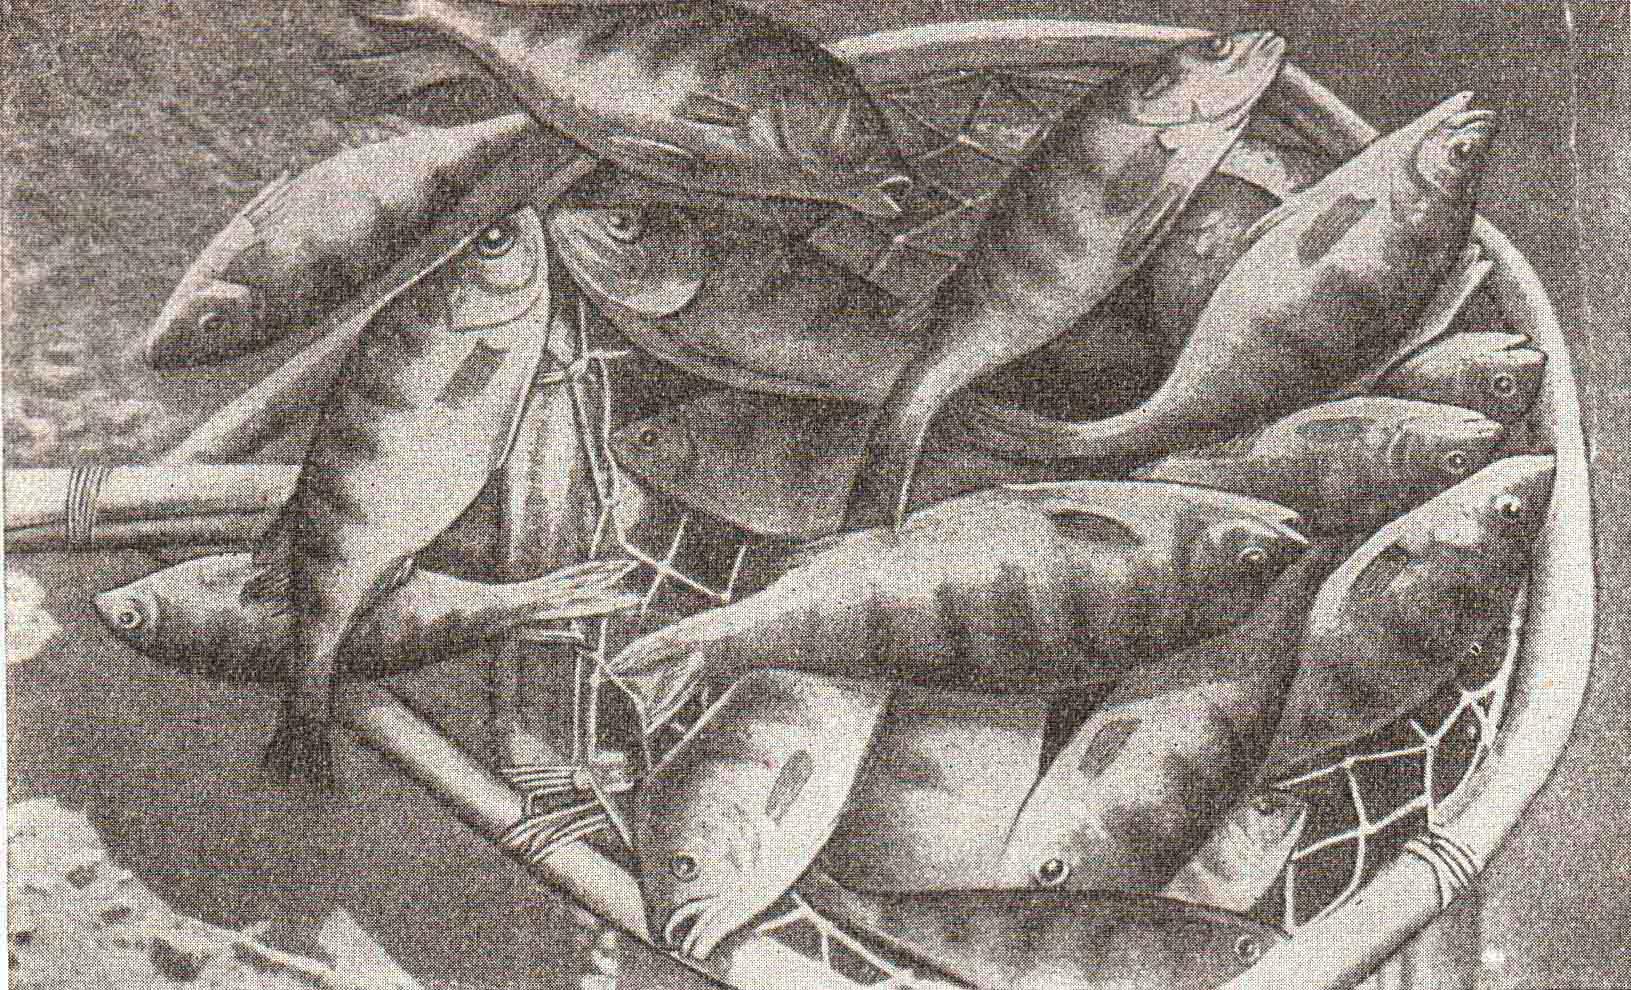 ДИЕТА.ру, Книга о вкусной и здоровой пище, рис. стр. 146